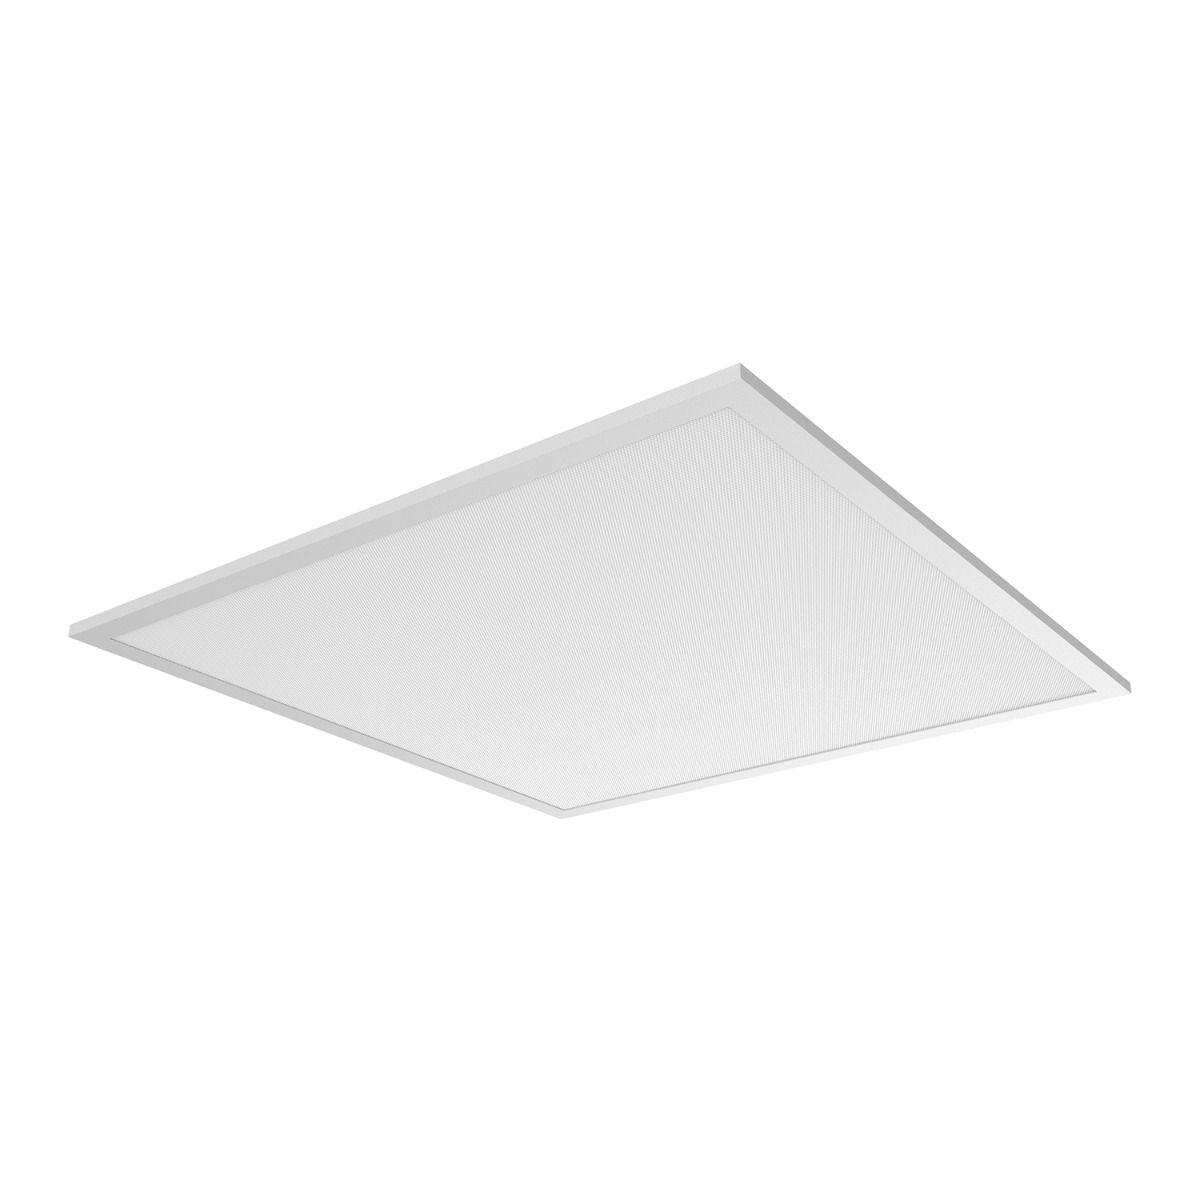 Noxion LED Paneel Delta Pro V3 DALI 30W 3000K 3960lm 60x60cm UGR <19 | Warm Wit - Vervangt 4x18W